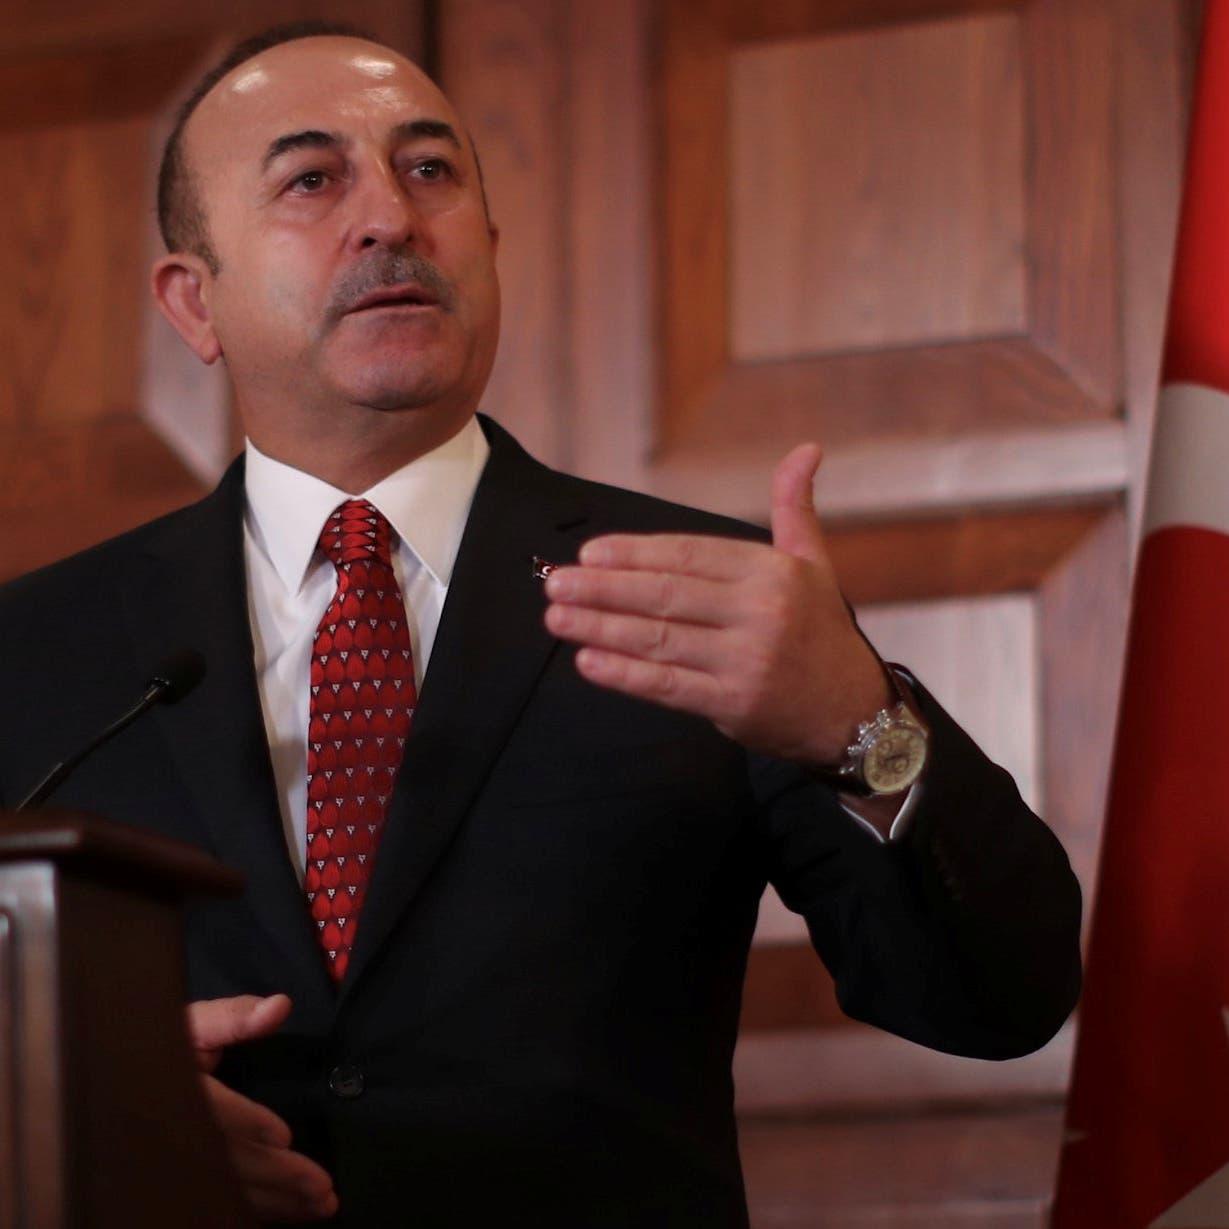 وزير خارجية تركيا يقر: وجهنا تحذيراً لمعارضي مصر